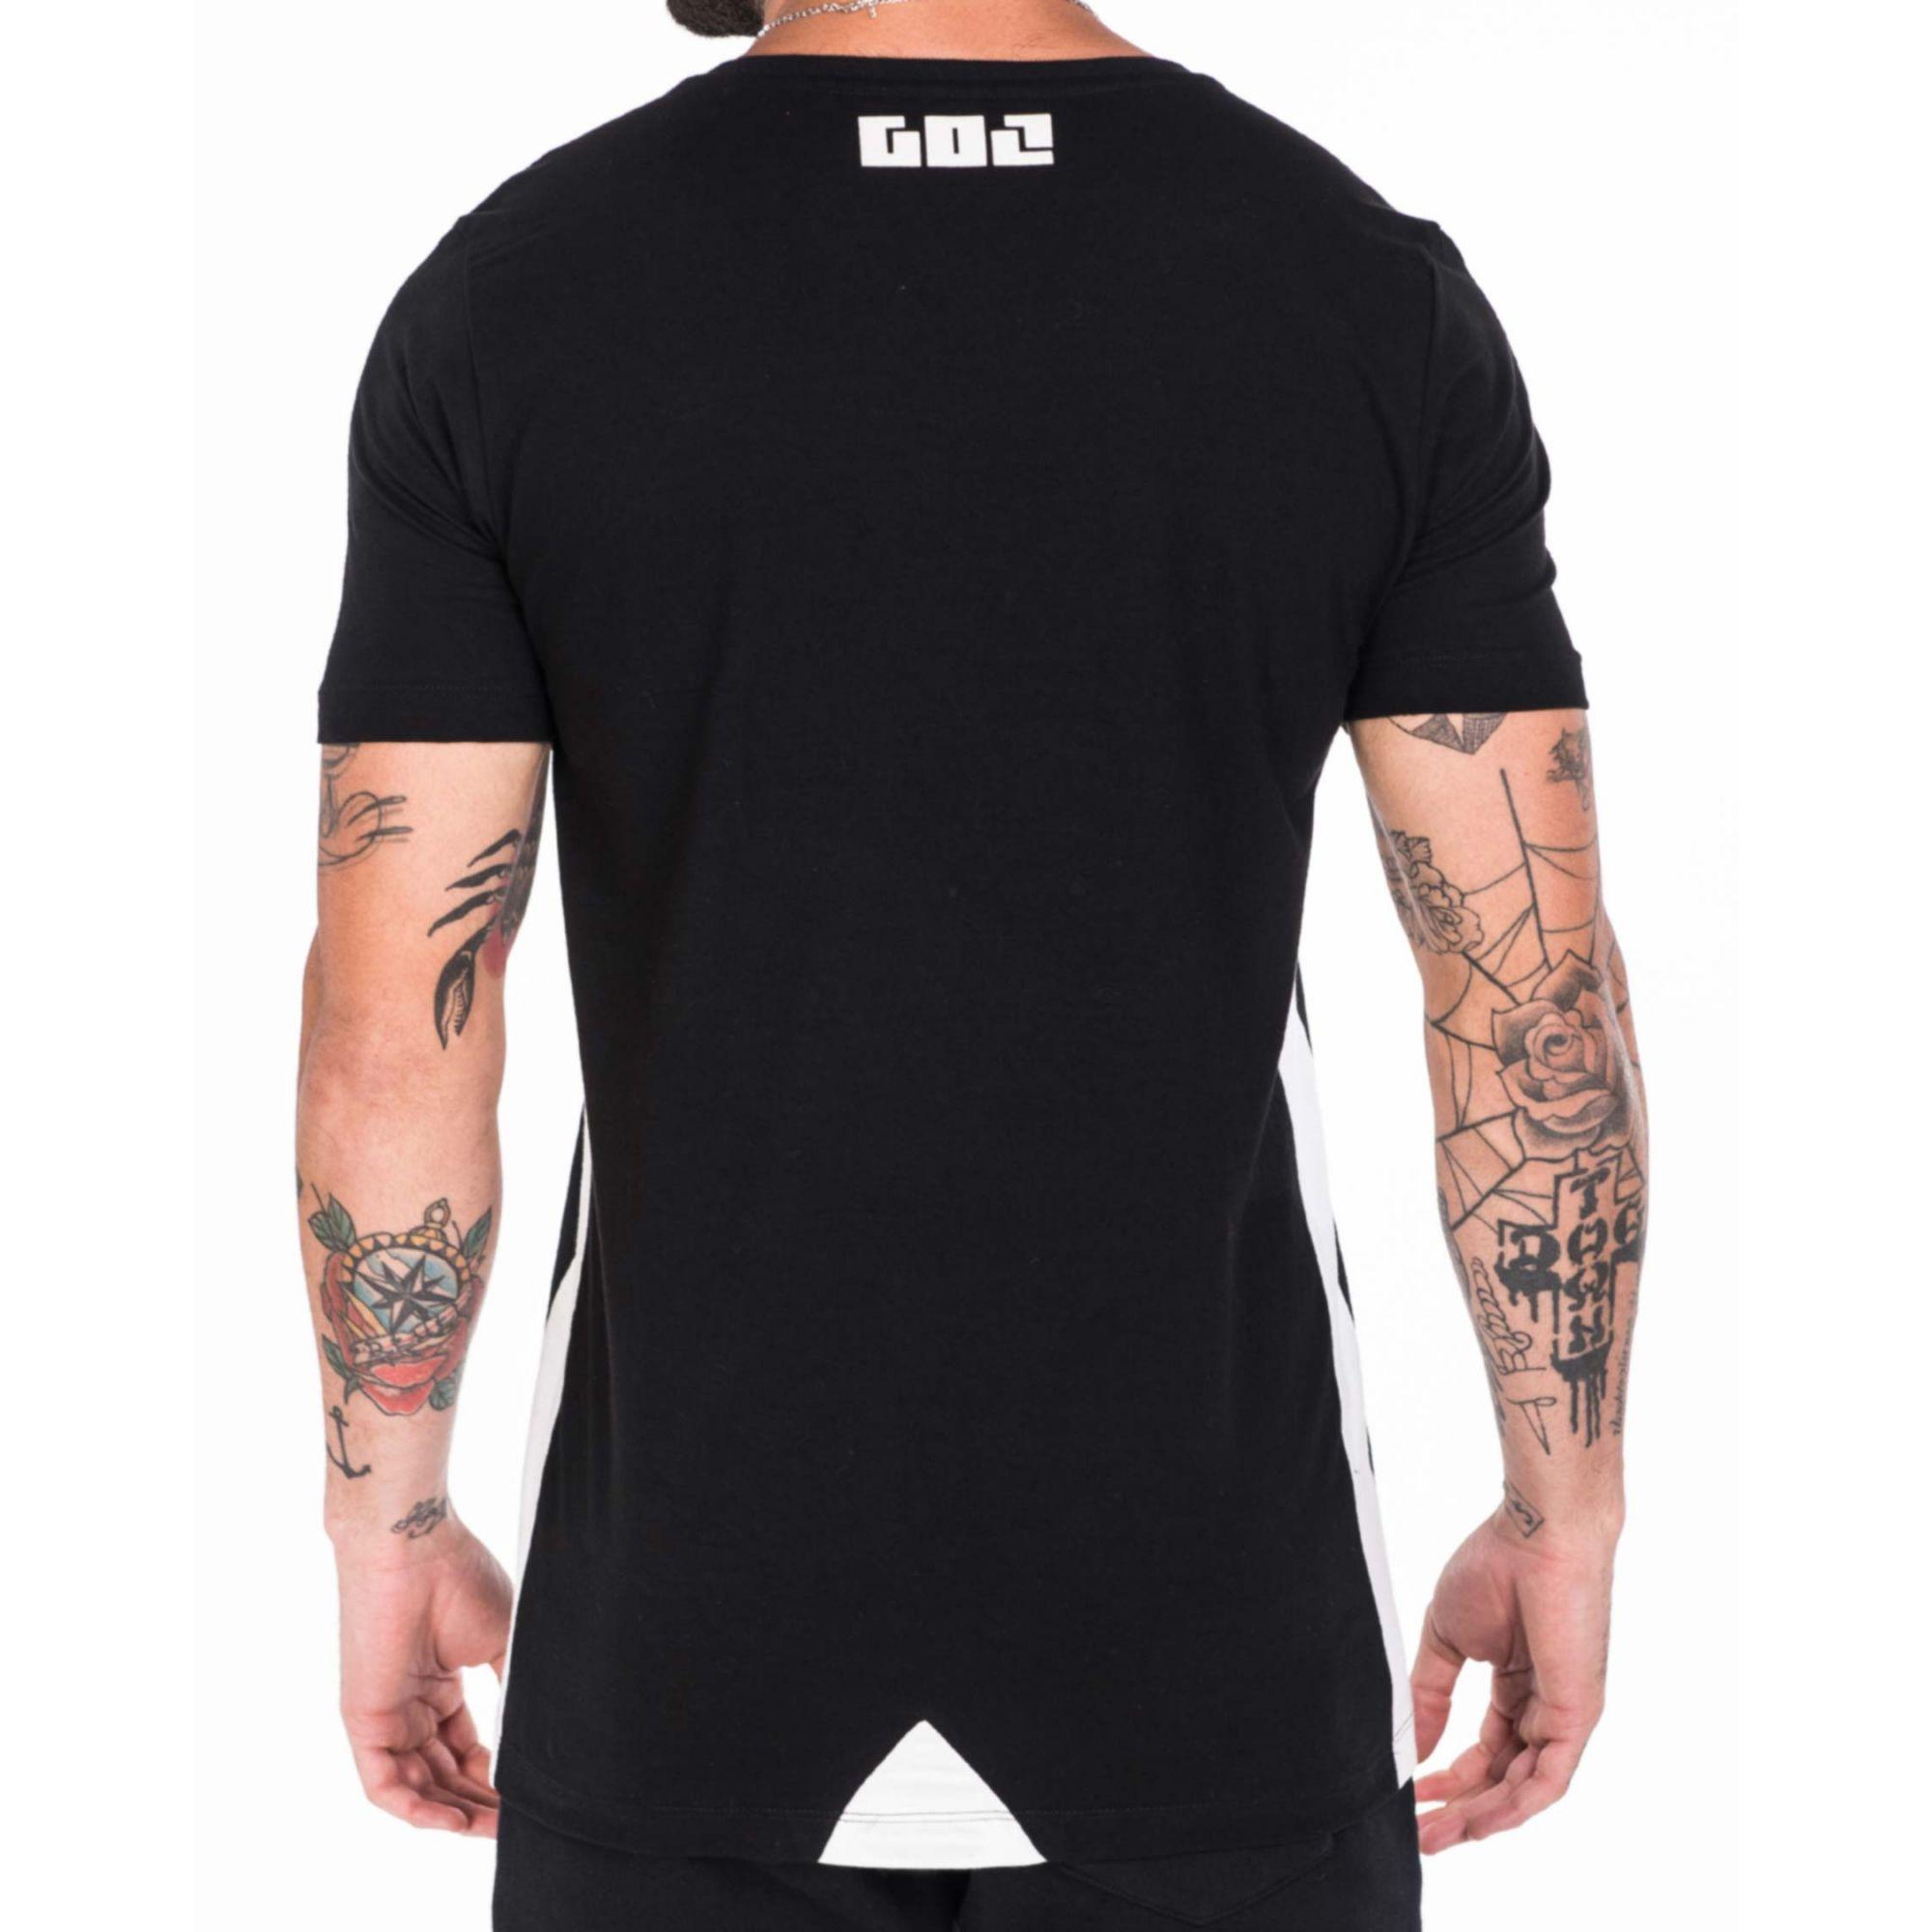 Camiseta Gol By Buh Muitos Falam Black